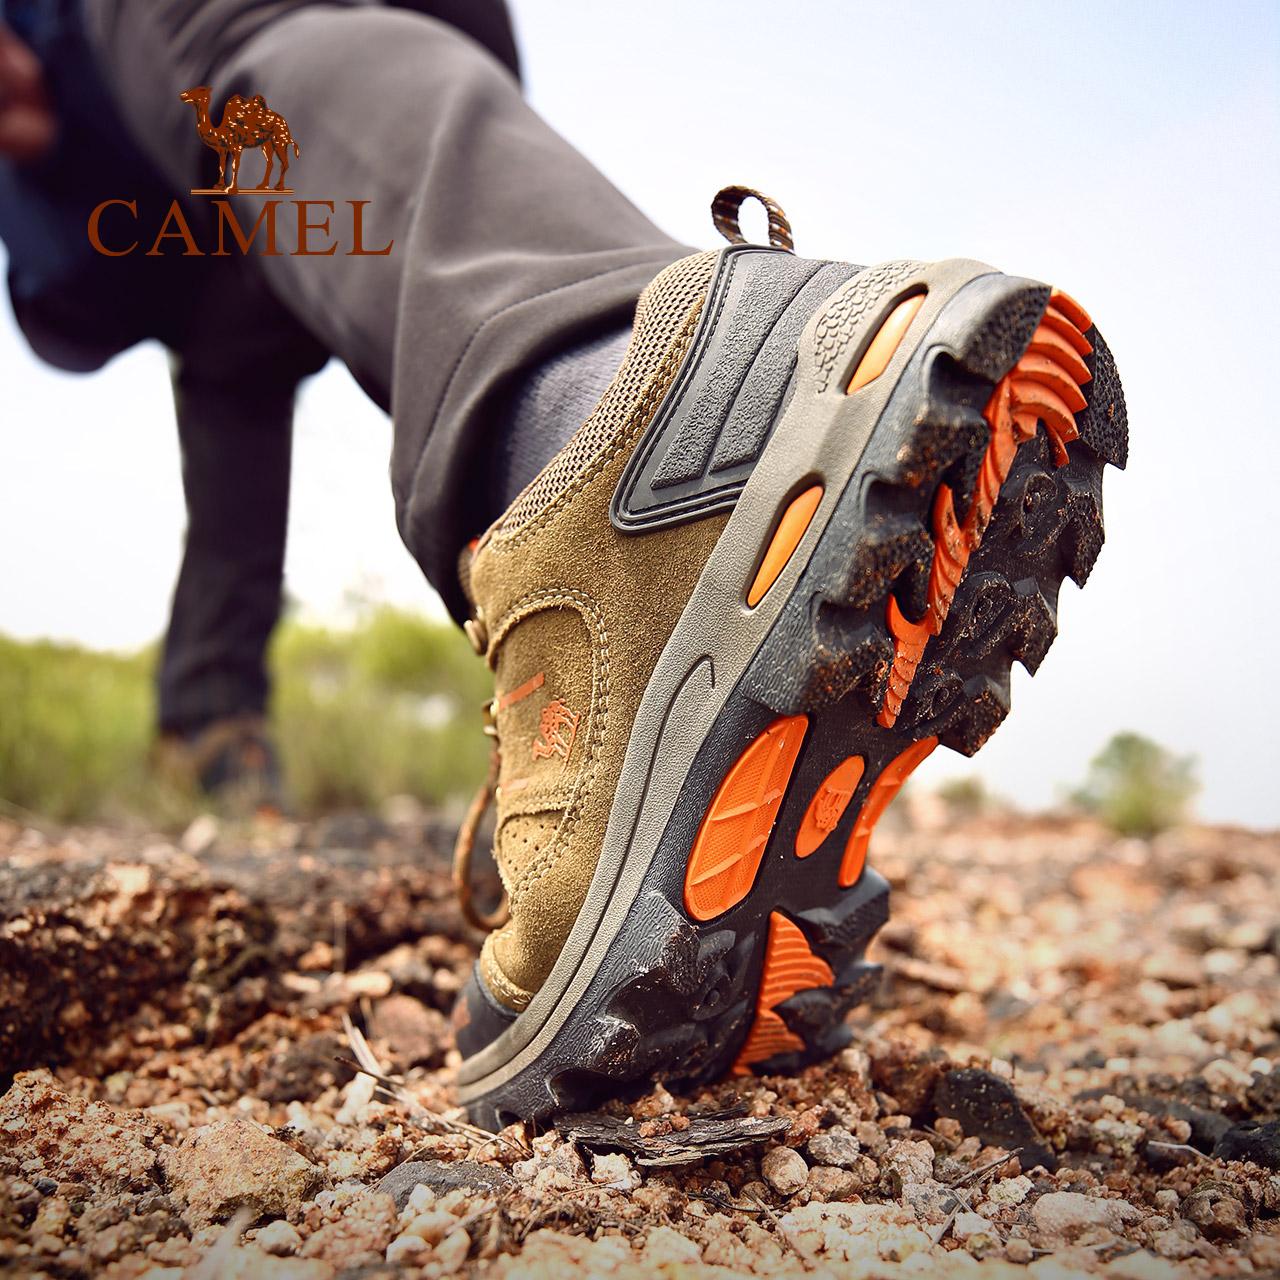 трекинговые кроссовки Camel 14 Camel